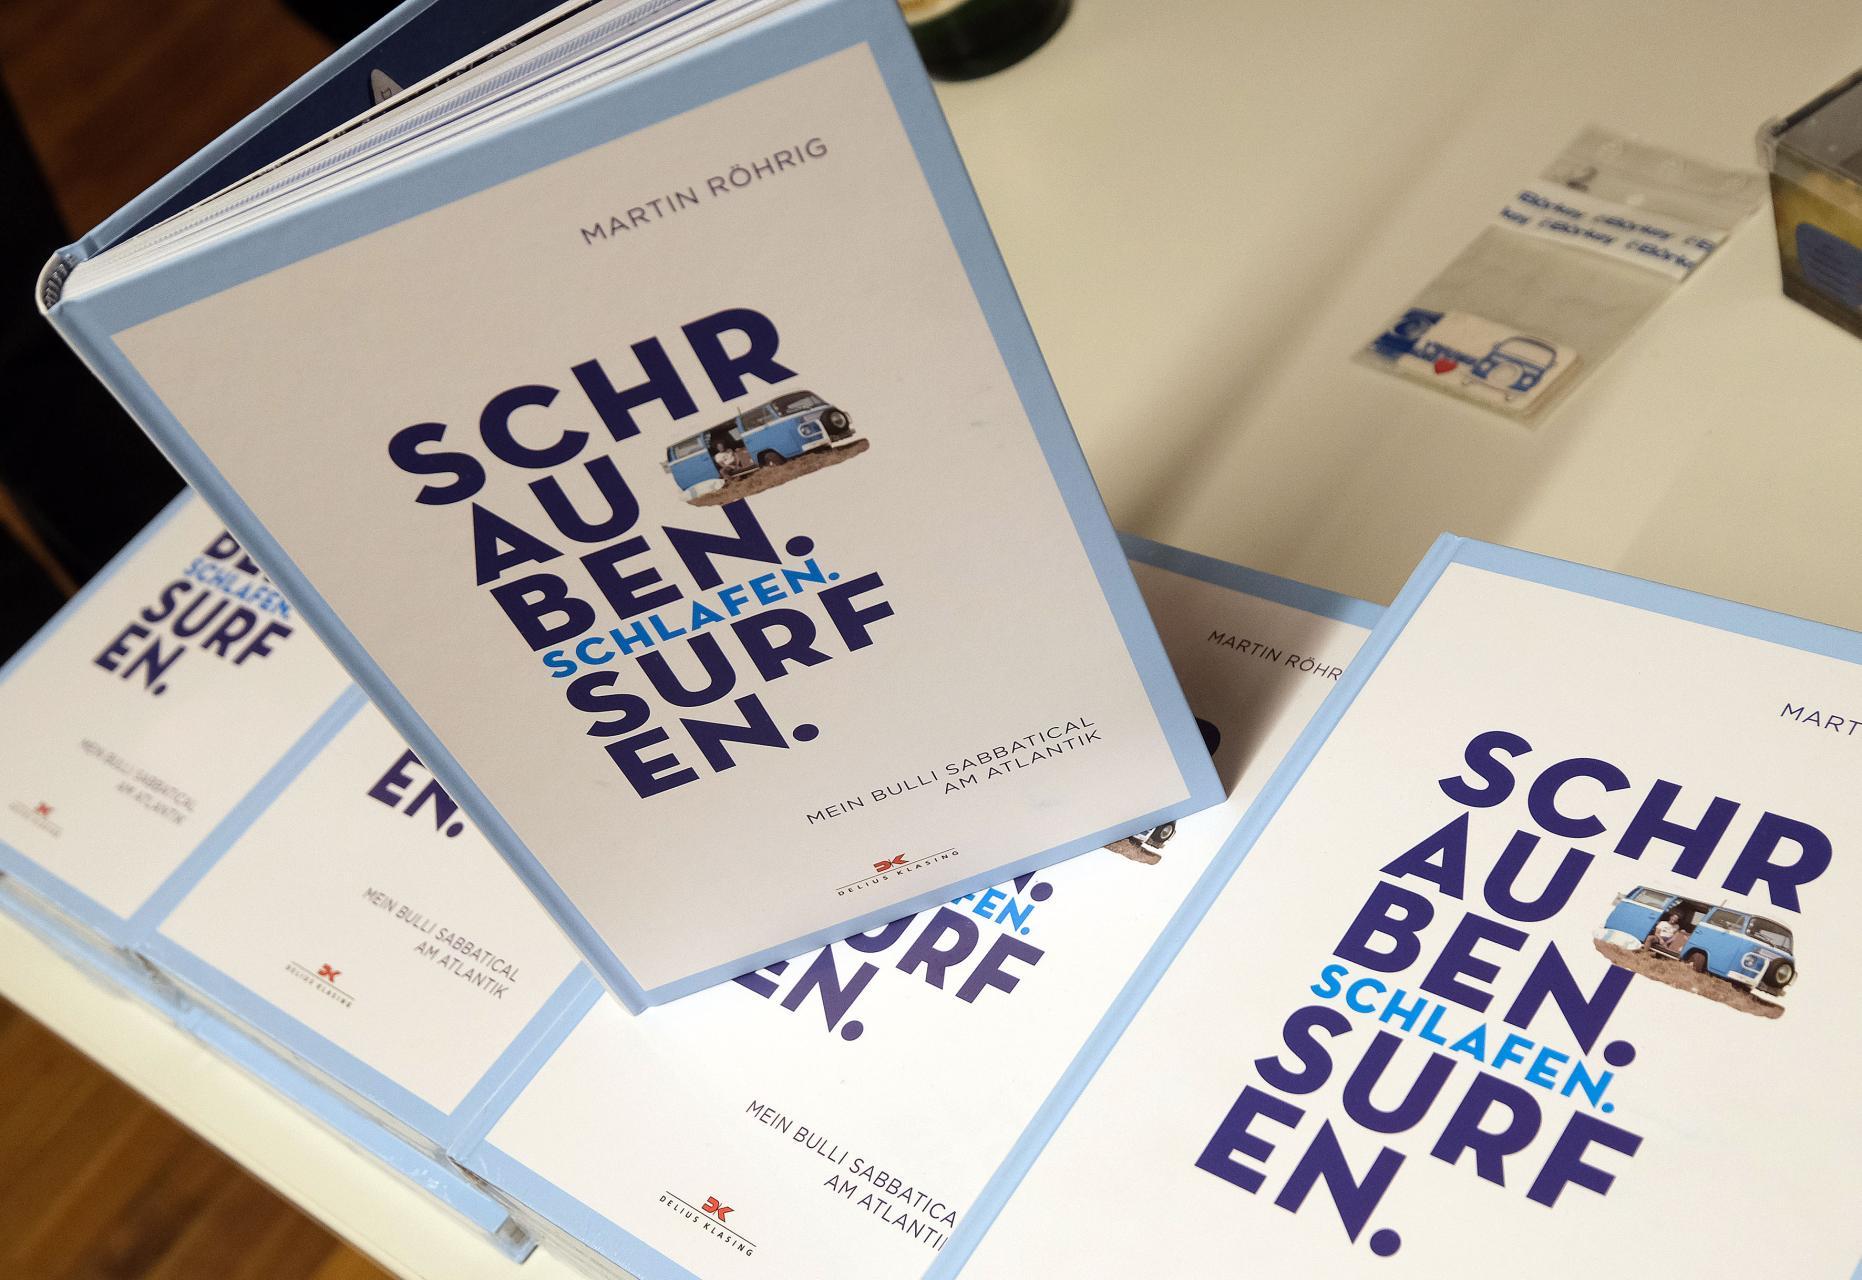 Schrauben Schlafen Surfen Unternehmer Hildesheim